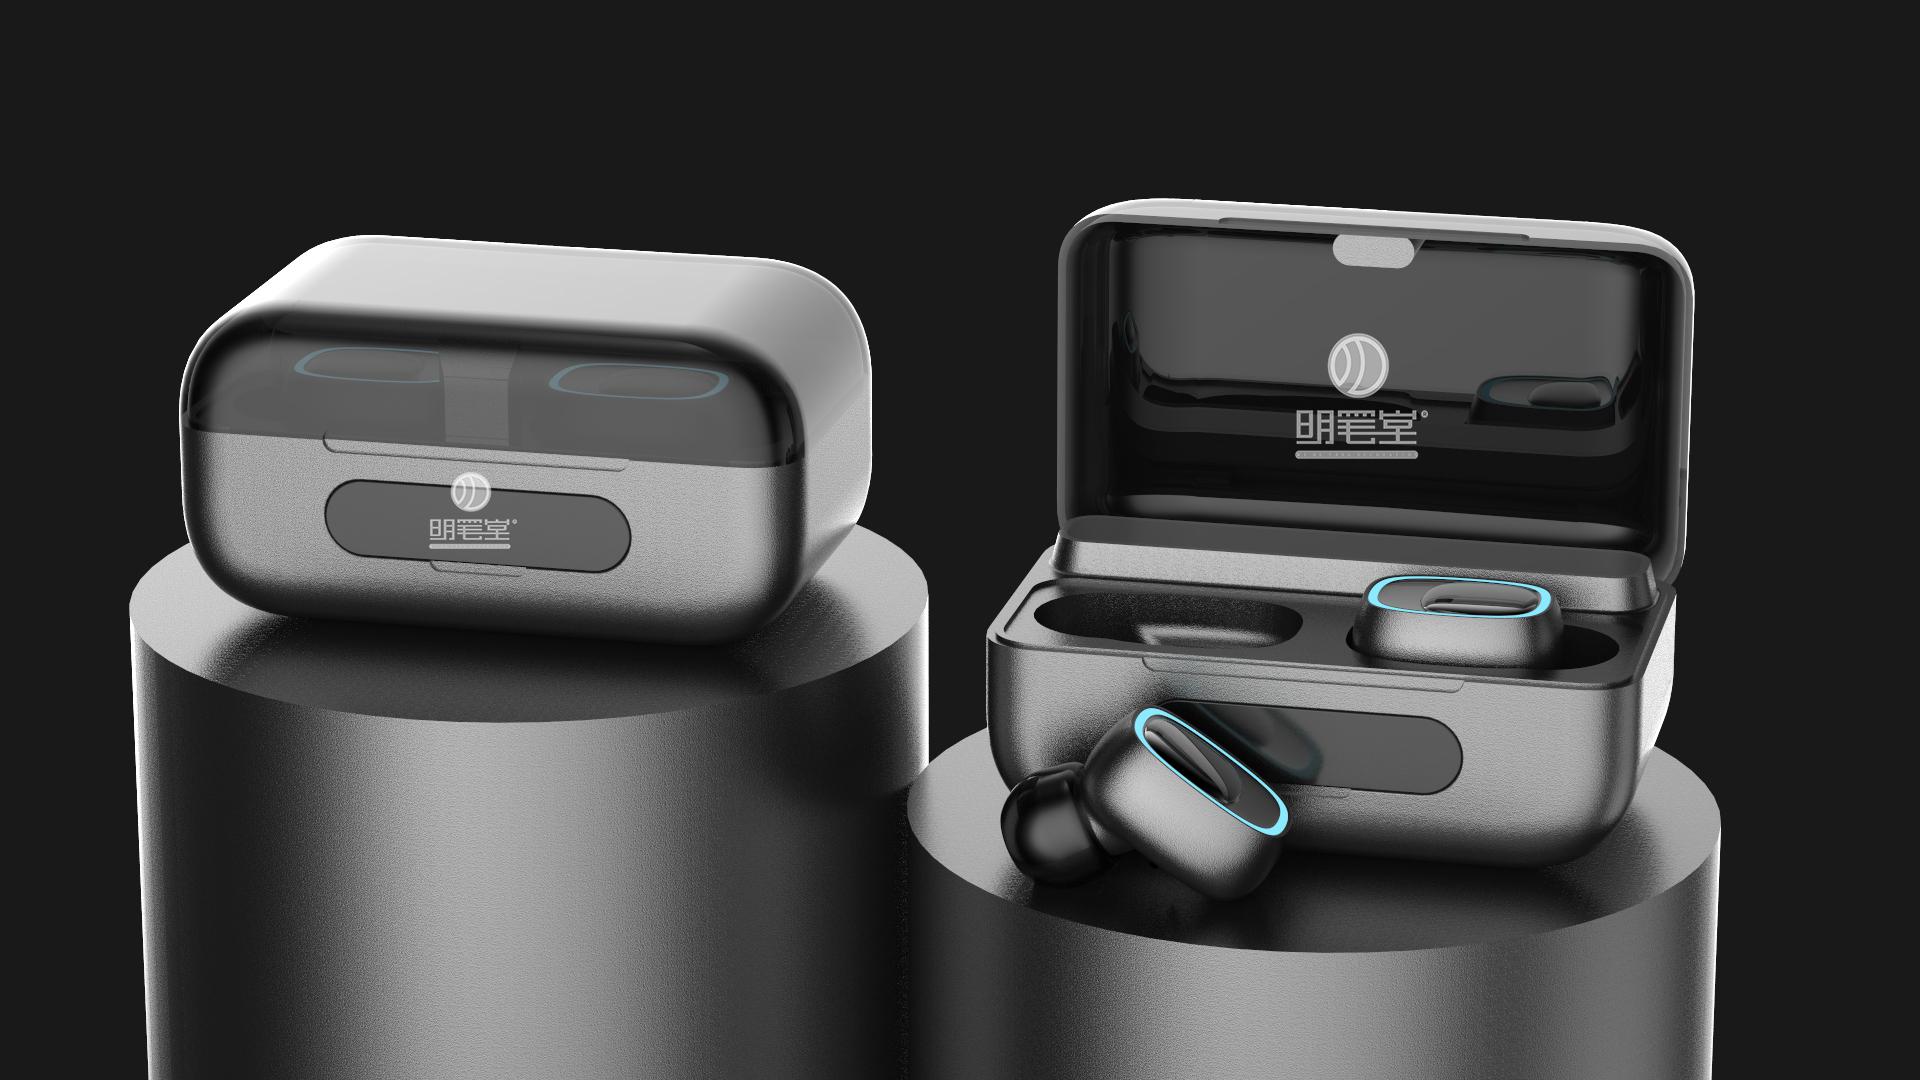 工业设计产品外观设计产品设计3D建模渲染效果图产品ID设计